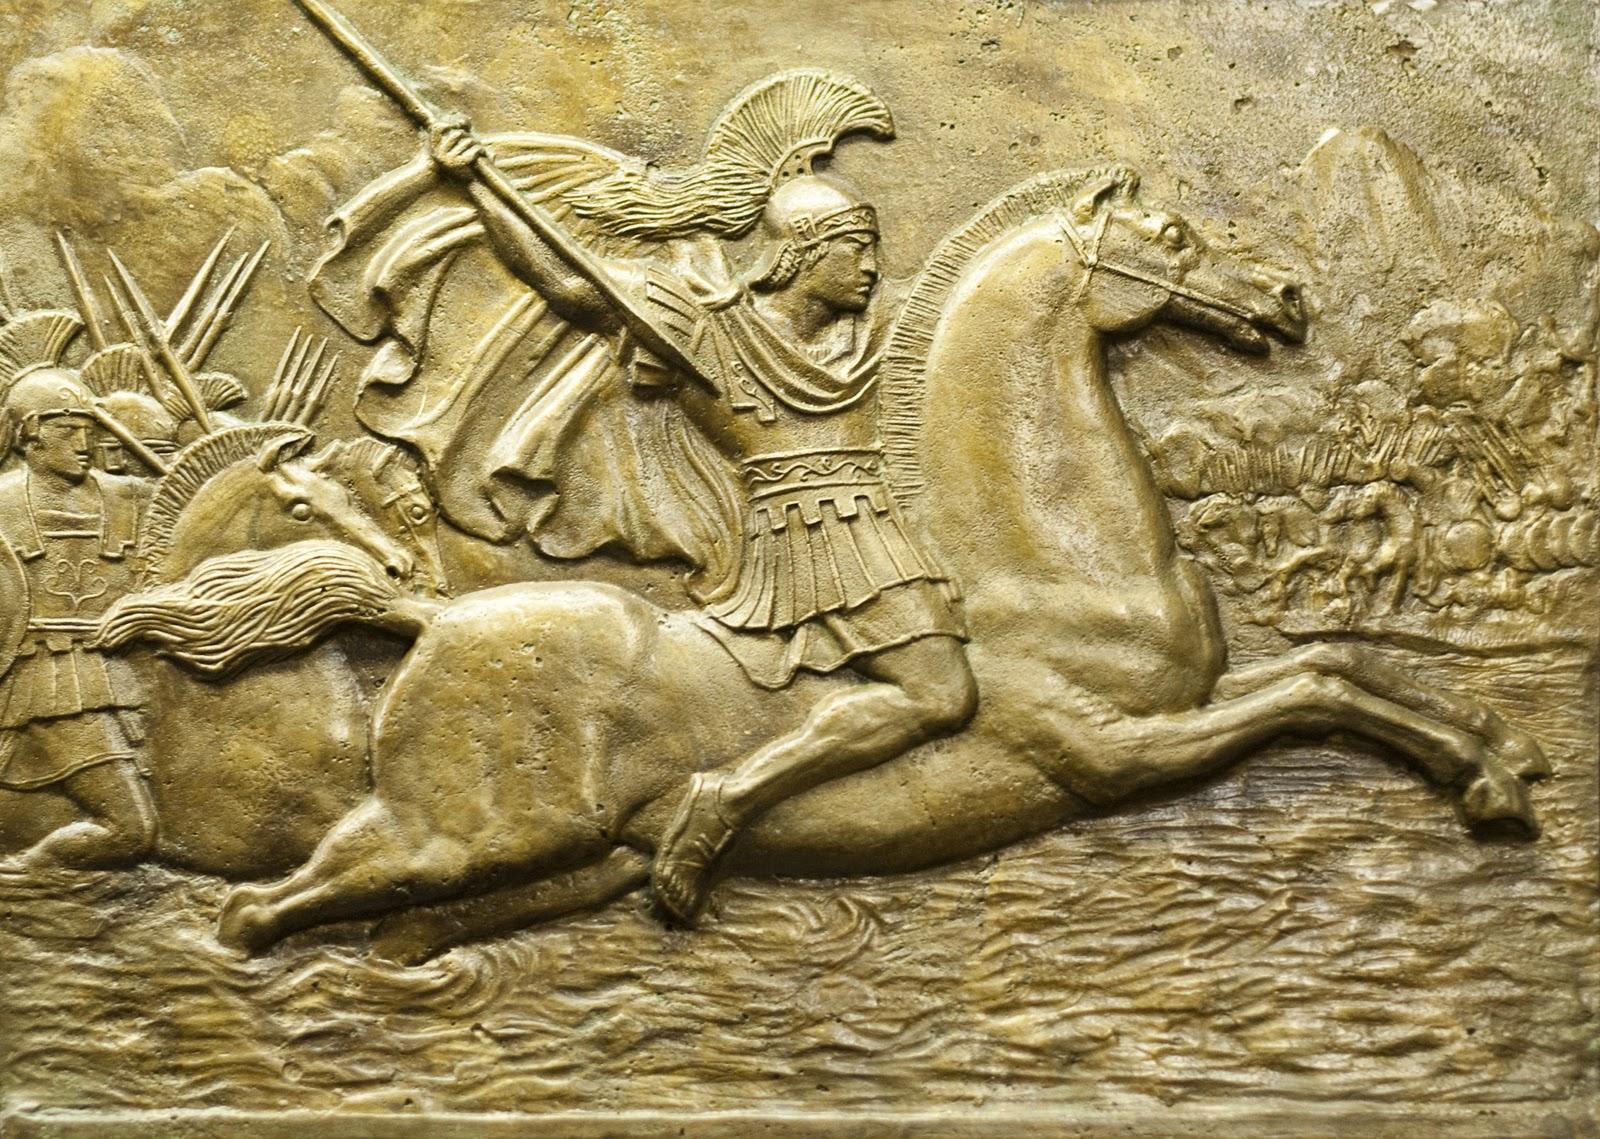 Το μυστήριο γύρω από το θάνατο του Μέγα Αλέξανδρου, δηλητηριασμός ή ασθένεια;